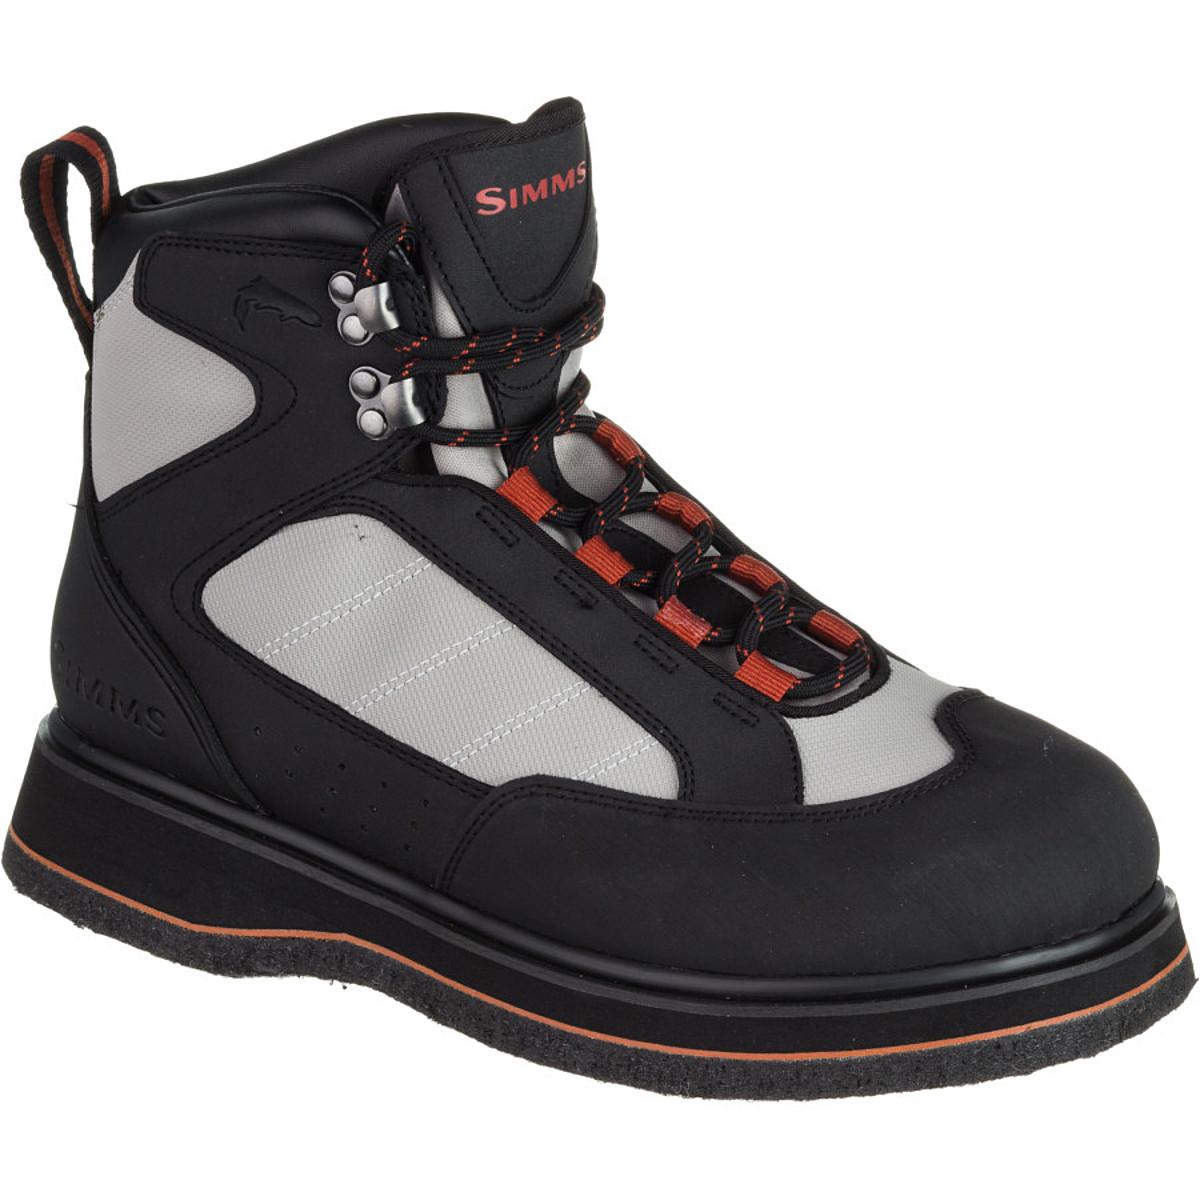 Simms Rock Creek Wading Boot - Felt